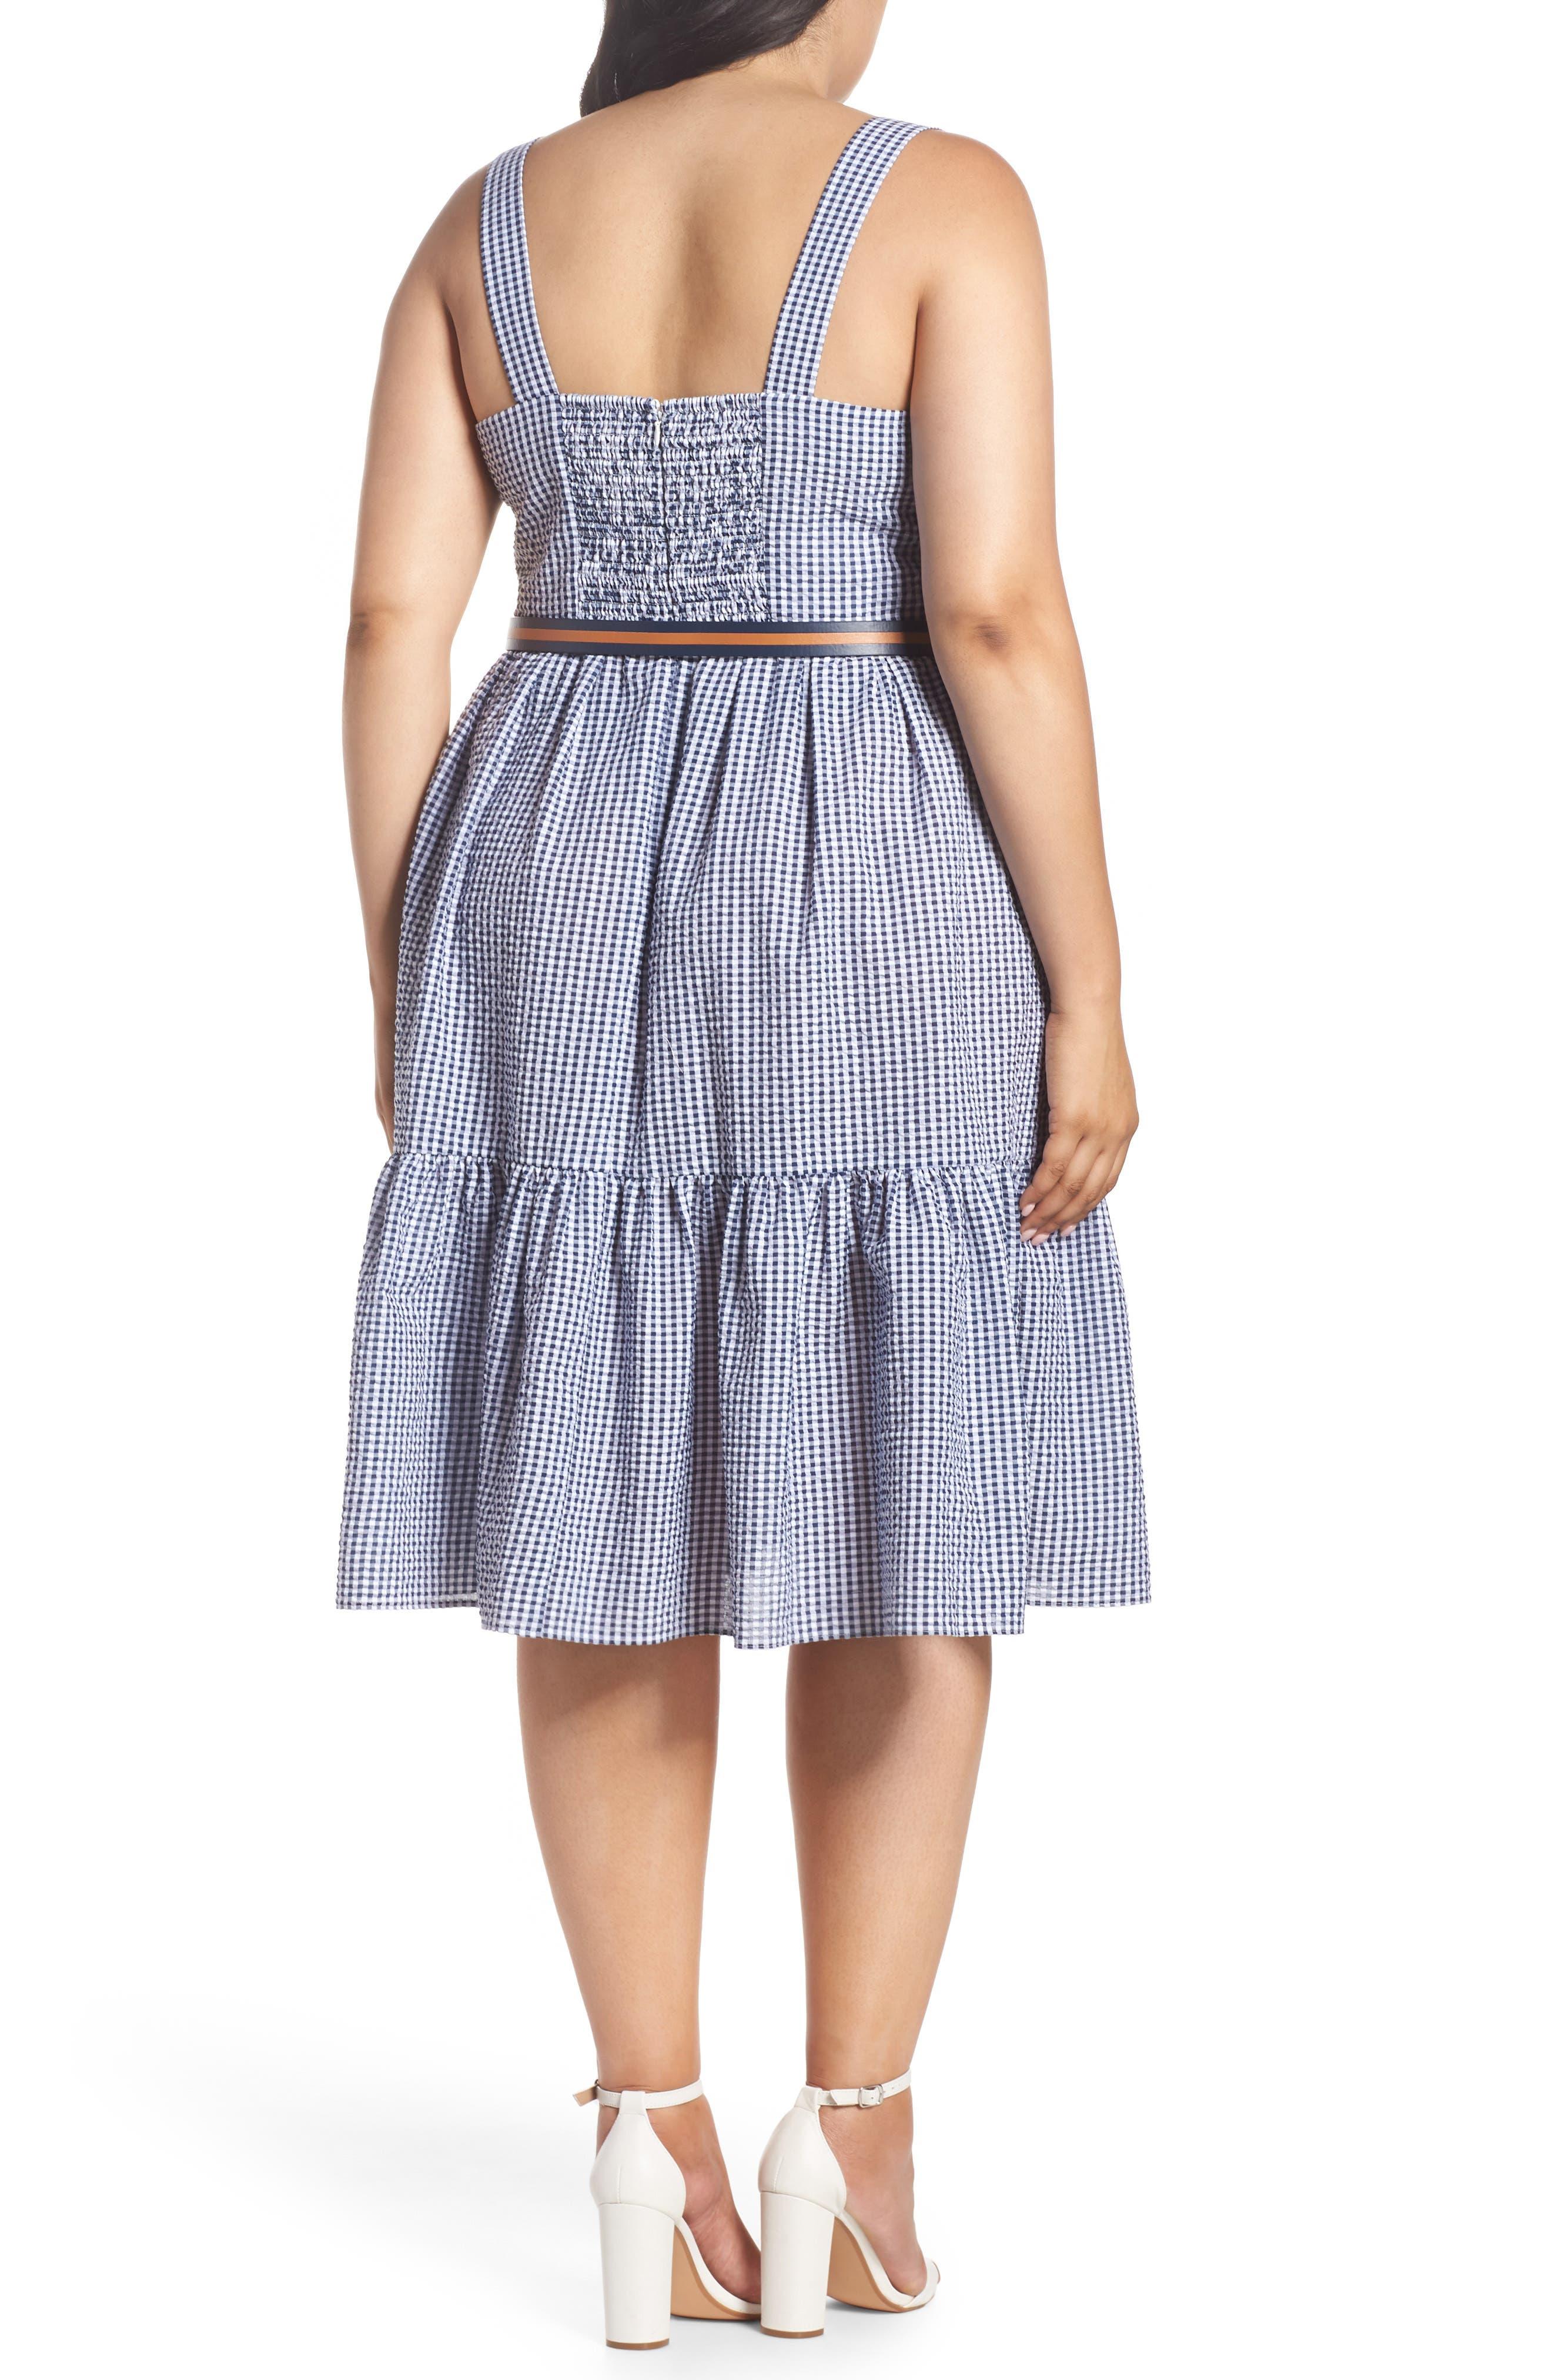 ELIZA J,                             Belted Gingham Seersucker Fit & Flare Dress,                             Alternate thumbnail 2, color,                             410